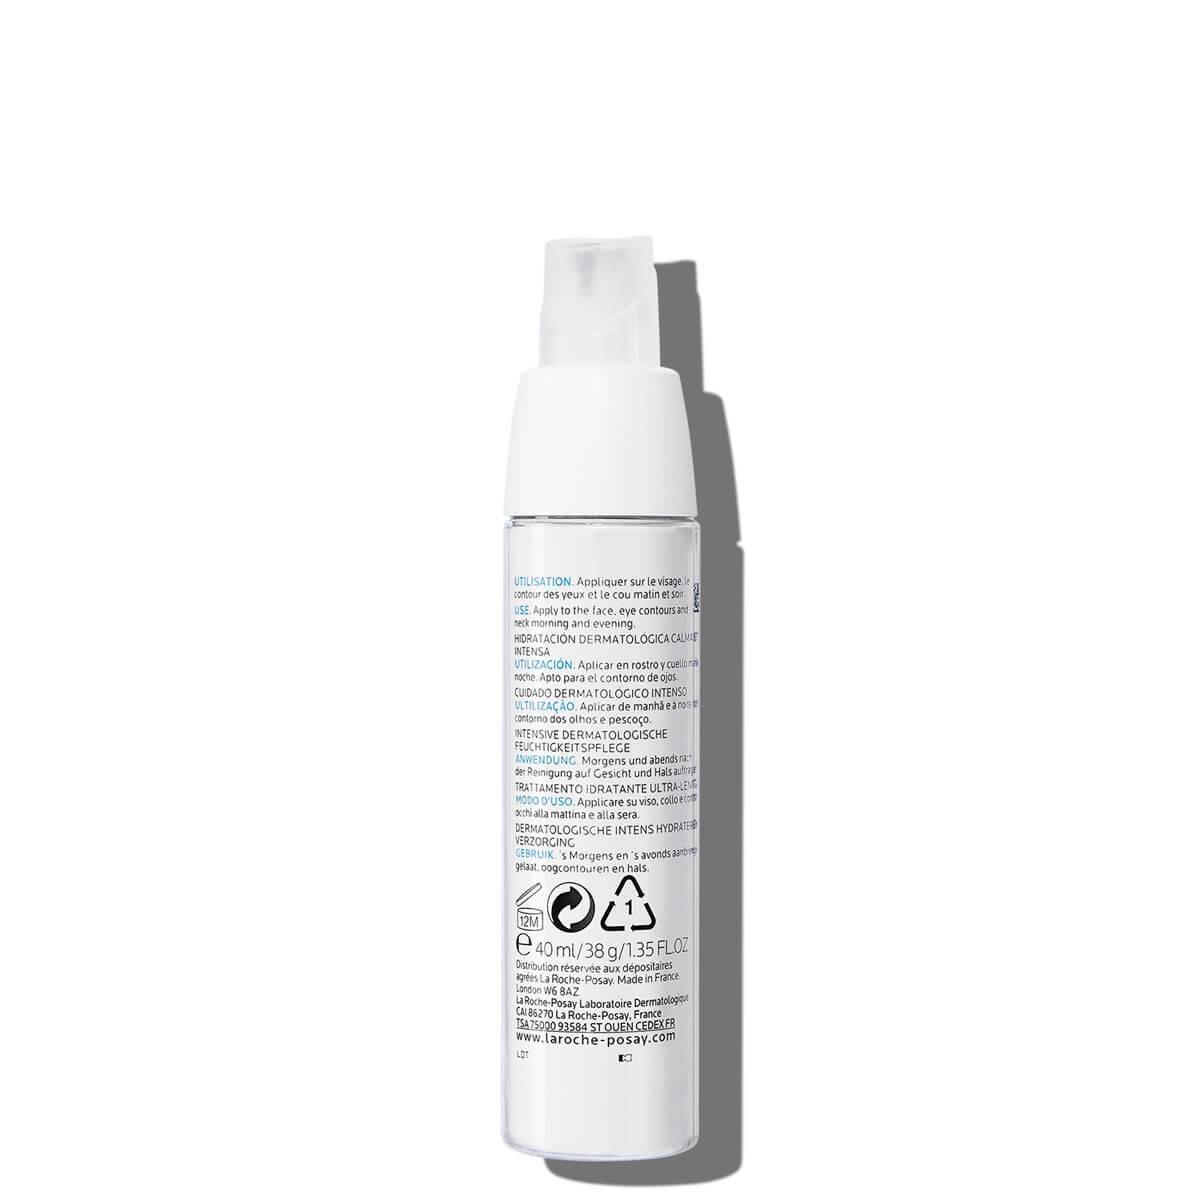 La Roche Posay Produktsida Känslig Allergisk Toleriane Ultra 40ml 333